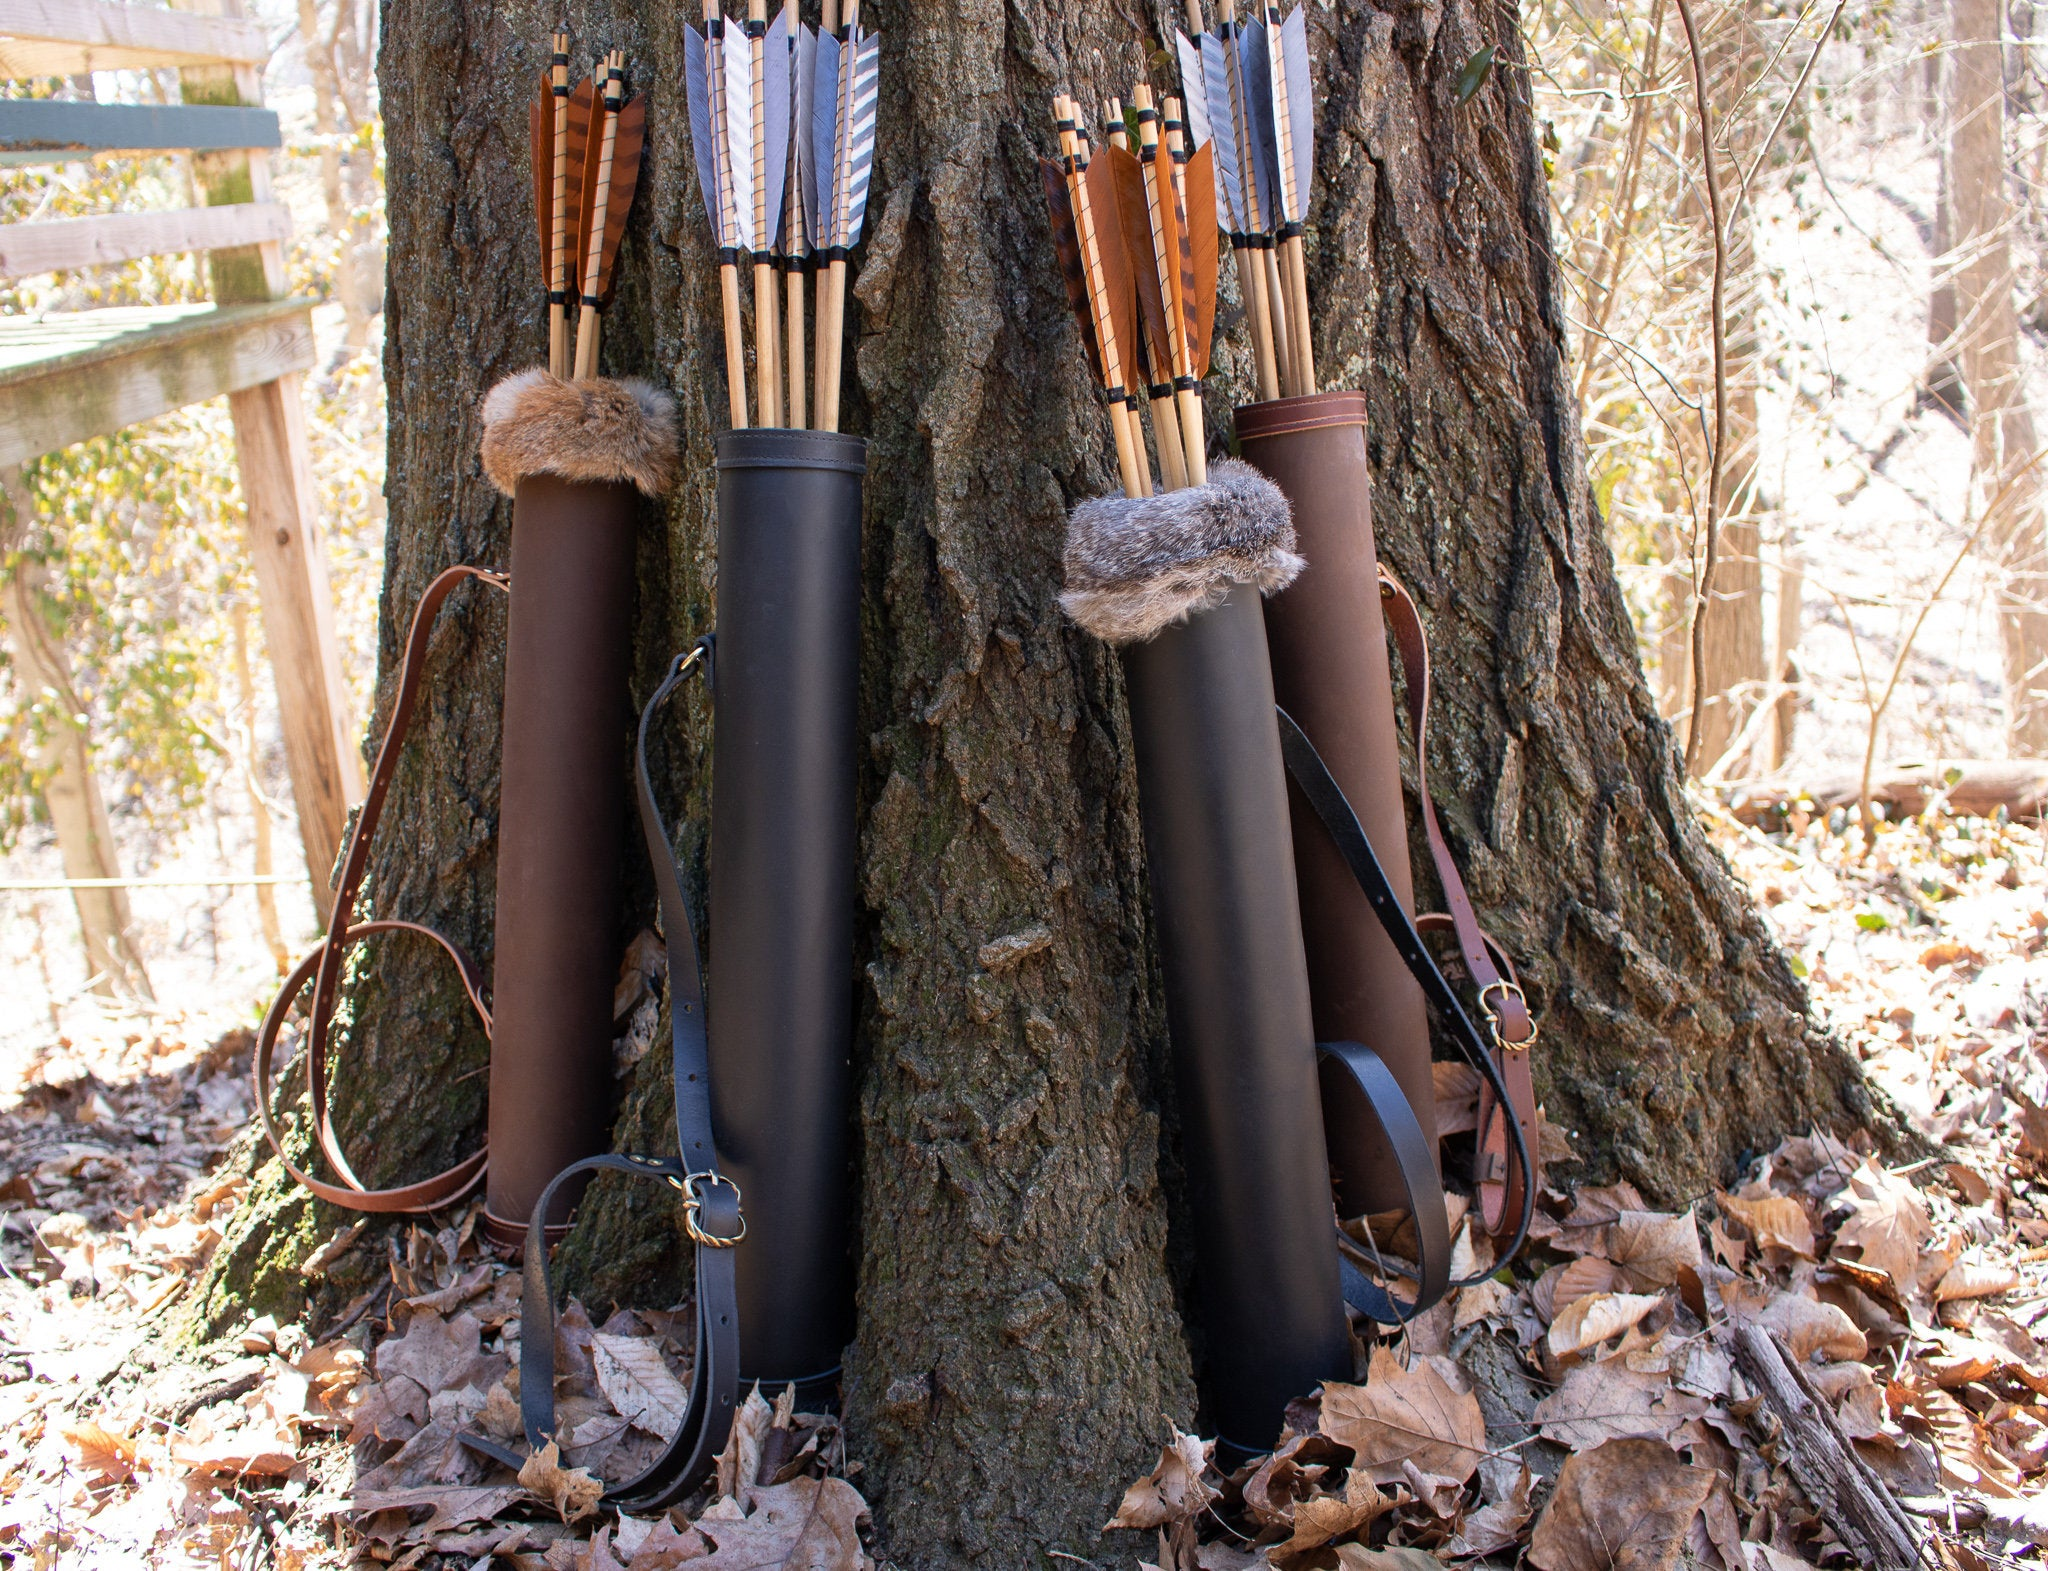 上图:装满箭的箭袋。一支箭由箭头、箭杆和箭羽组成,通常箭头是金属的,箭杆采用竹、木,箭羽采用鸟翅,辅料包括鱼鳔胶、牛筋、丝、漆。制作一支箭需要一百多道工序,费时费工、造价昂贵,宋朝十支箭折合一石米的价格。其中箭杆对于工艺、材料和时间的要求最高,材料必须有足够的硬度和弹性,制作时要保证直度、长度和挠度,否则就会影响射击精度。因此,古人造一支箭并不容易,使用后都会尽量回收。但古人造箭非常舍得投入成本,因为如果追求廉价,不能造成有效杀伤,就会浪费战场上极其有限的射击机会,生死攸关。